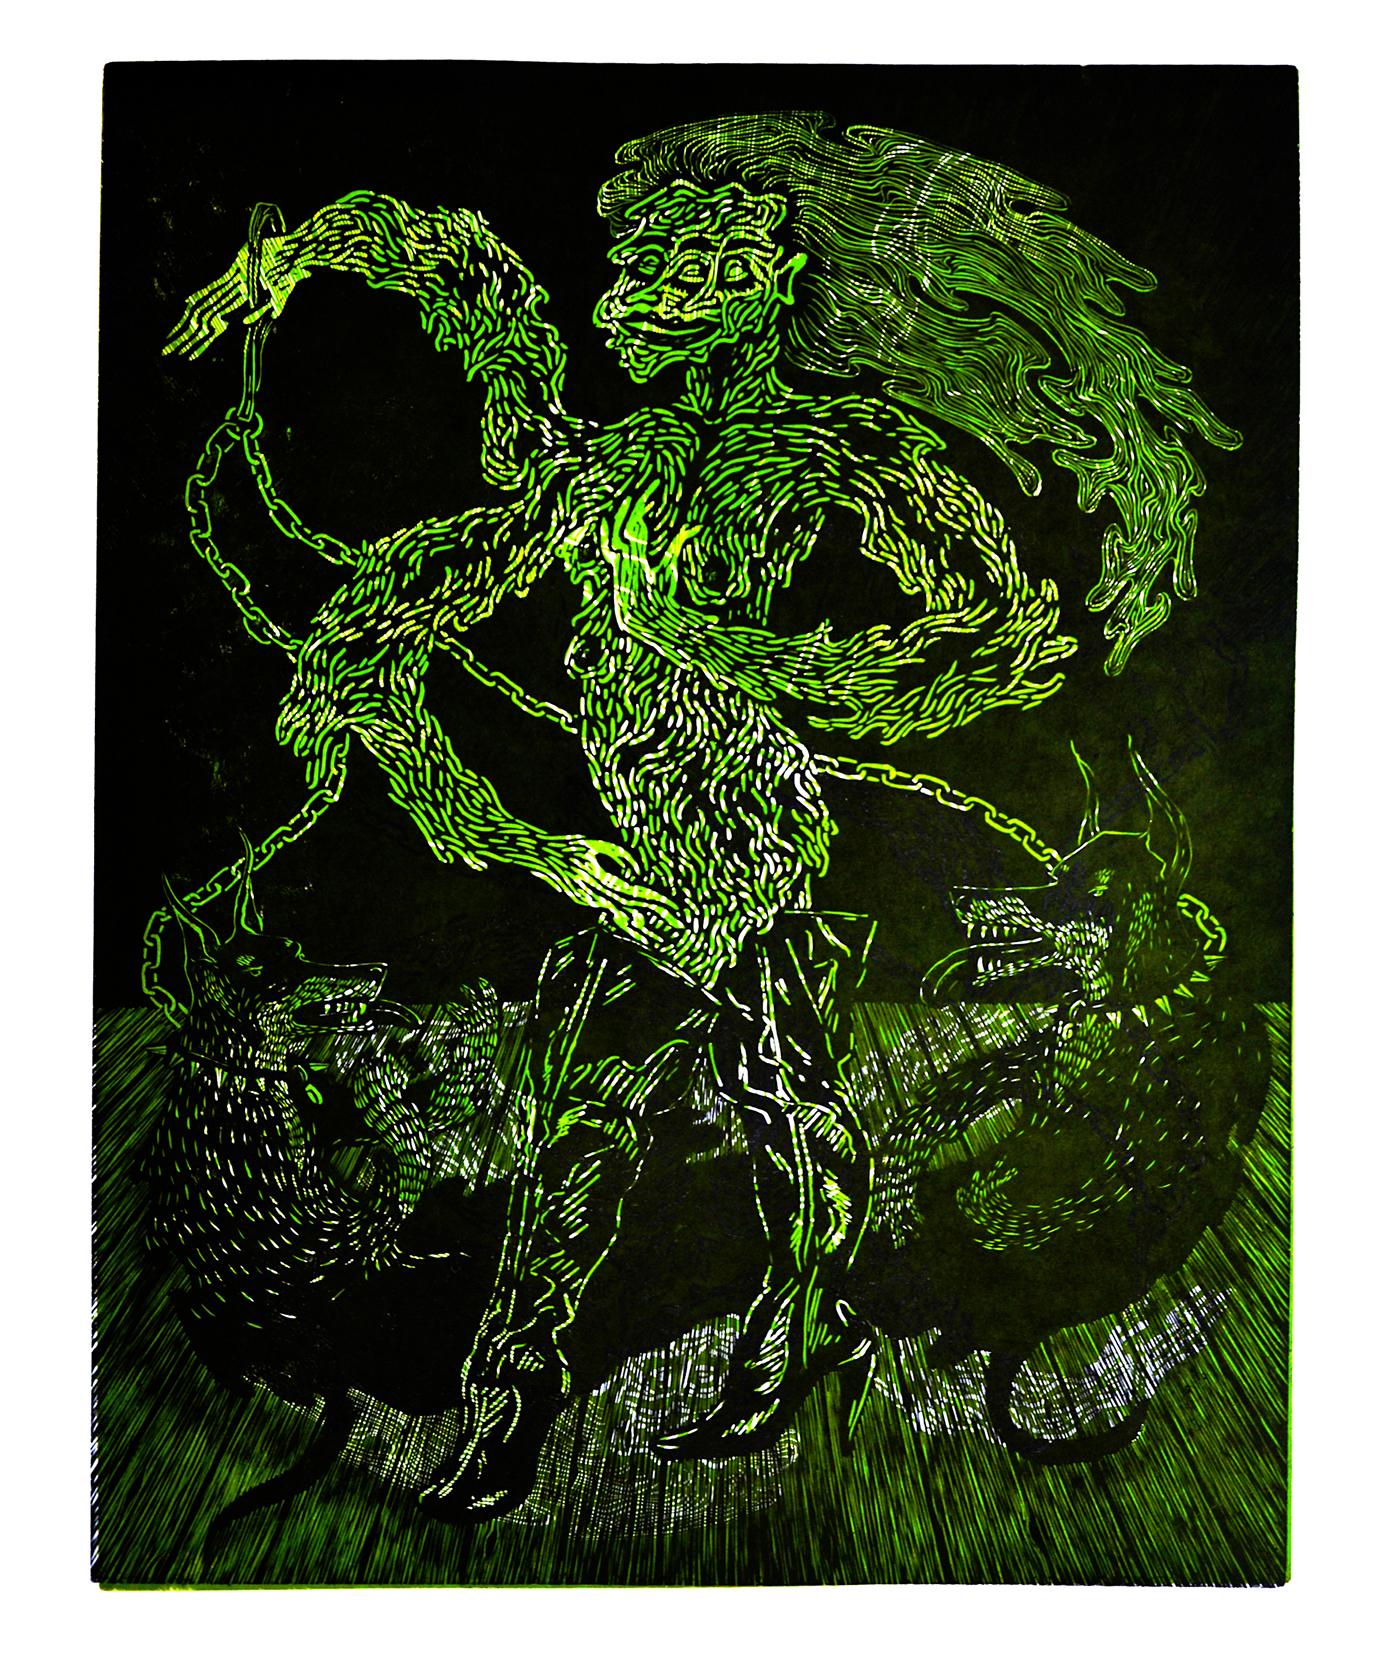 printmaking screenprint linoleum relief printing design